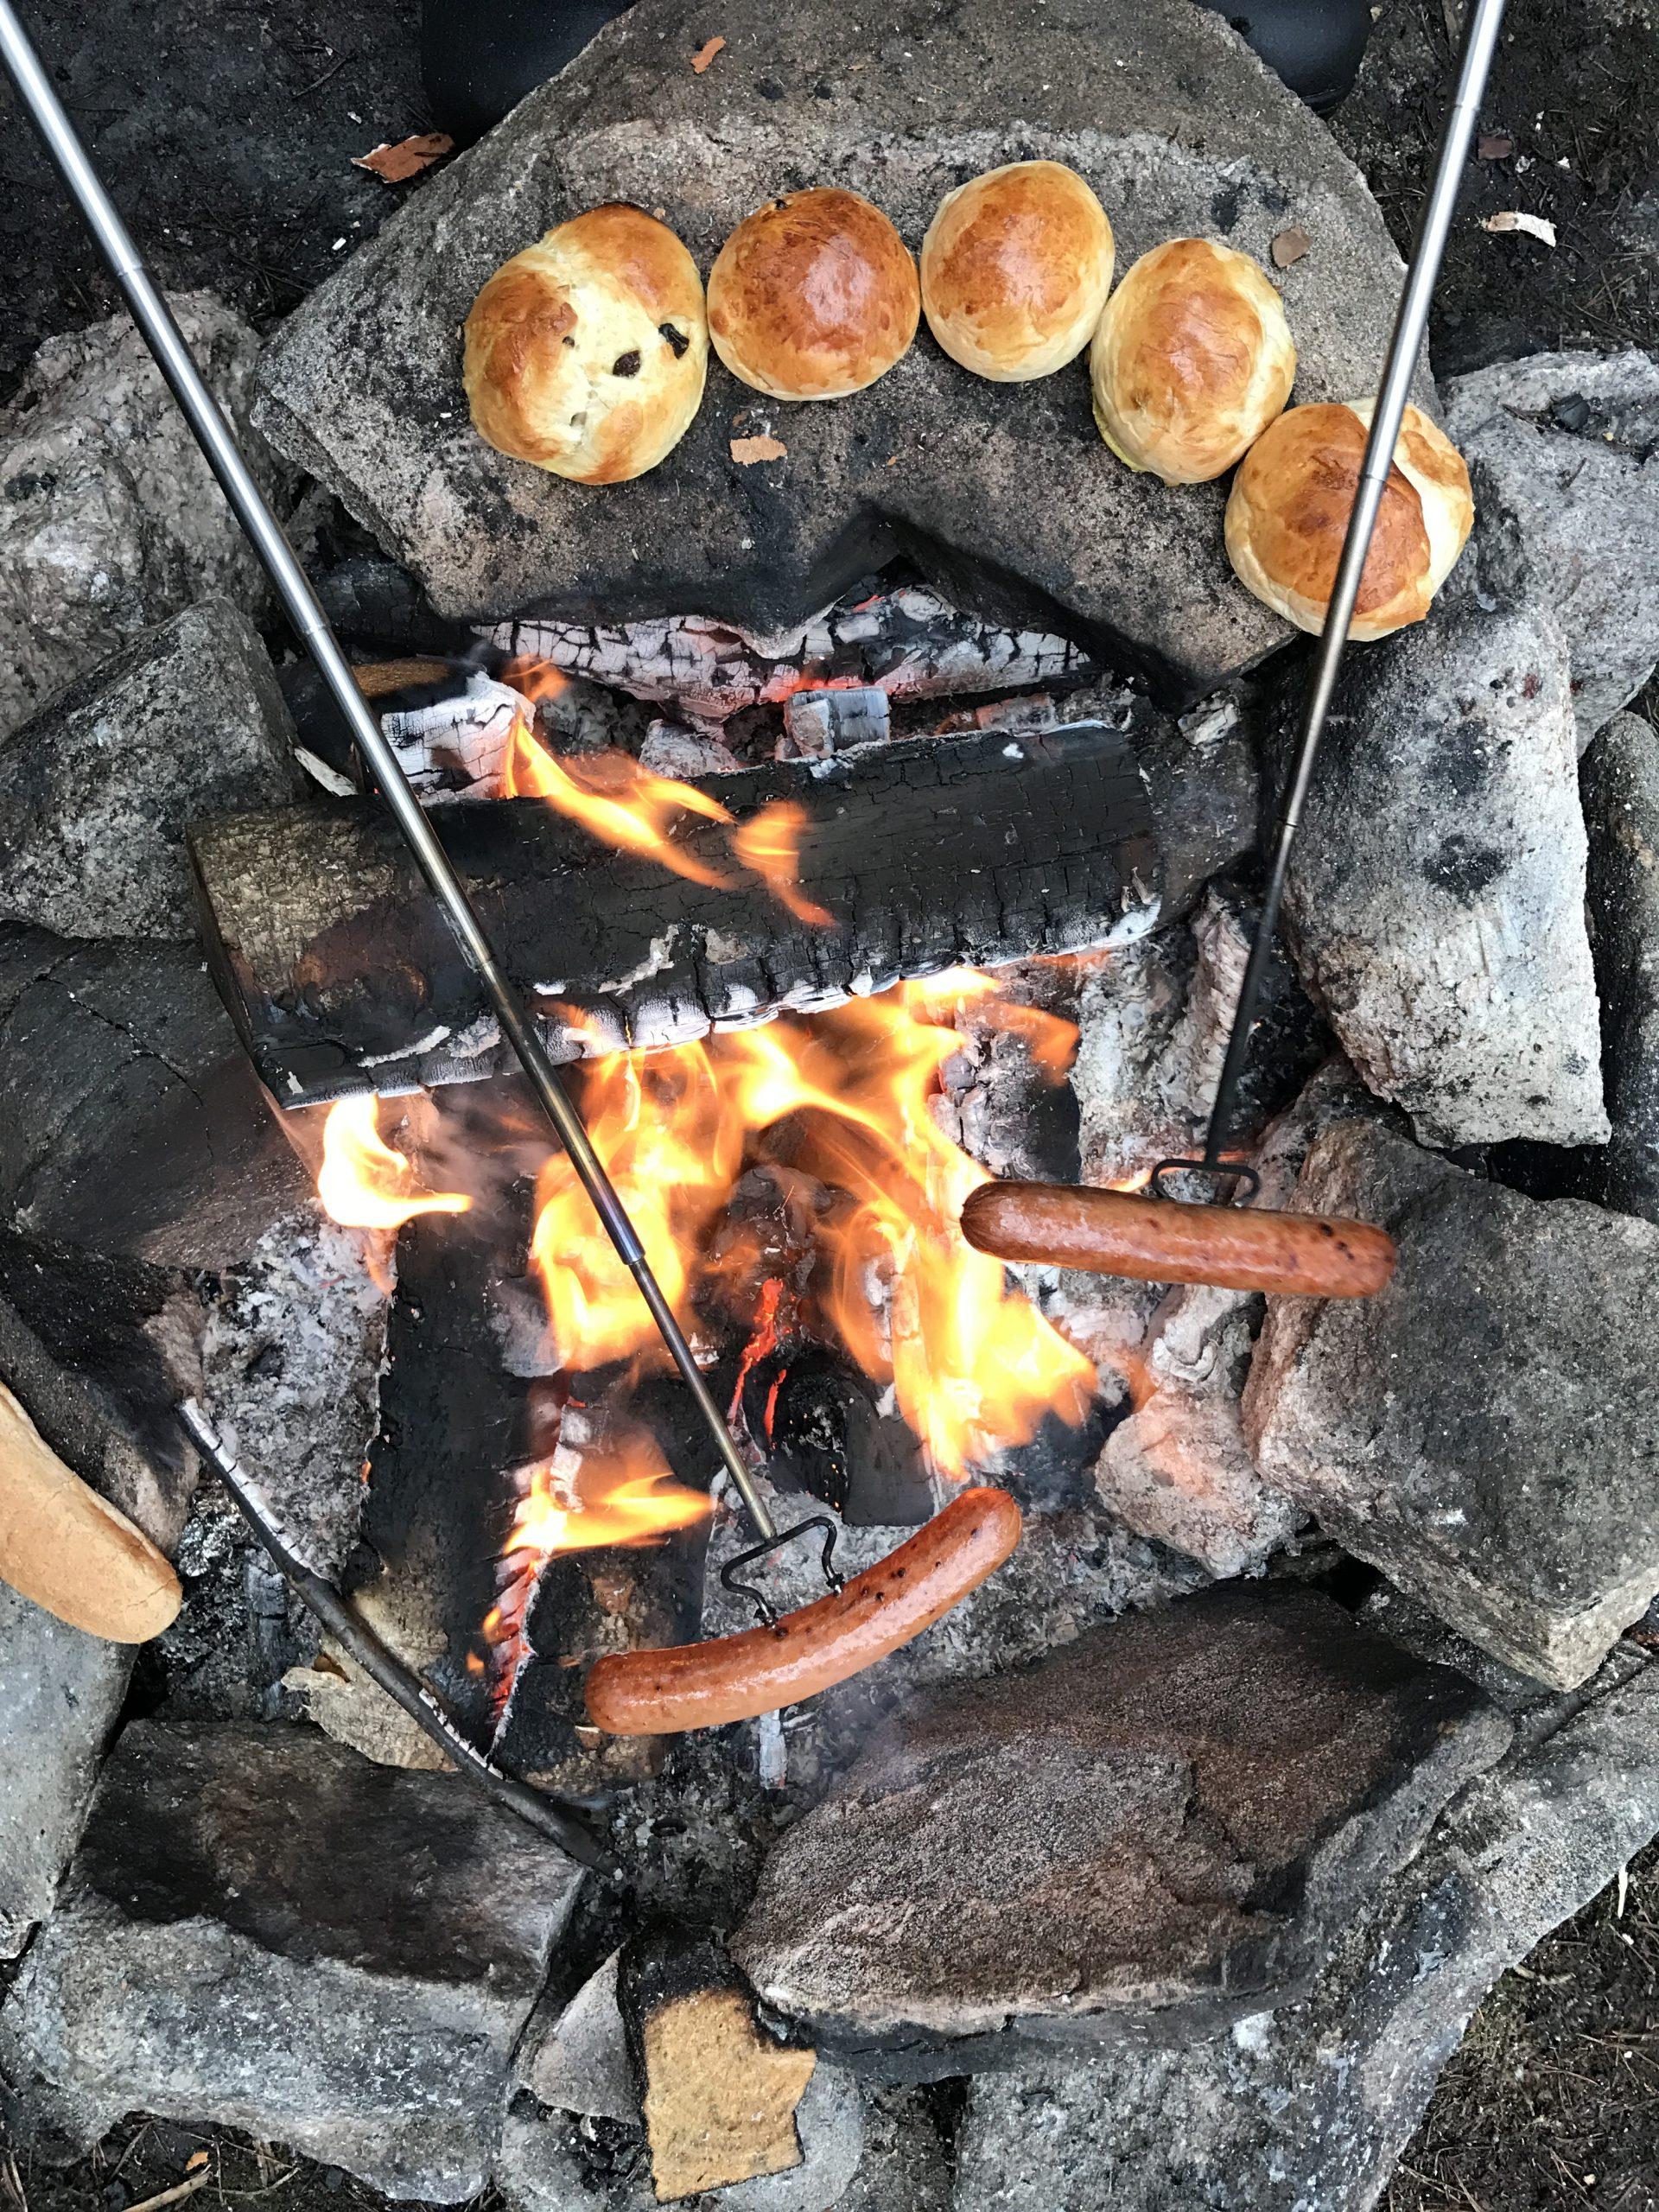 Ingenting er som å lage maten på bålet. Foto: E. Høibo©Visit Sørlandet